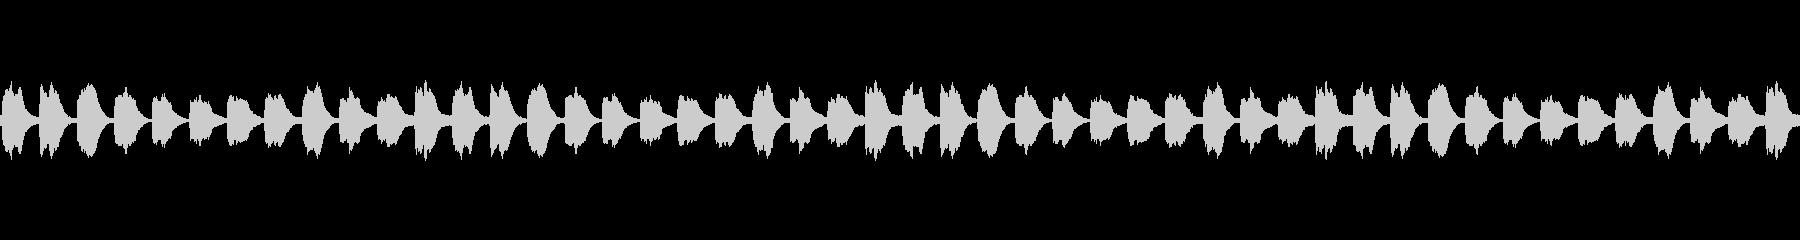 無限に音階の上がるピアノ音(ループ)の未再生の波形